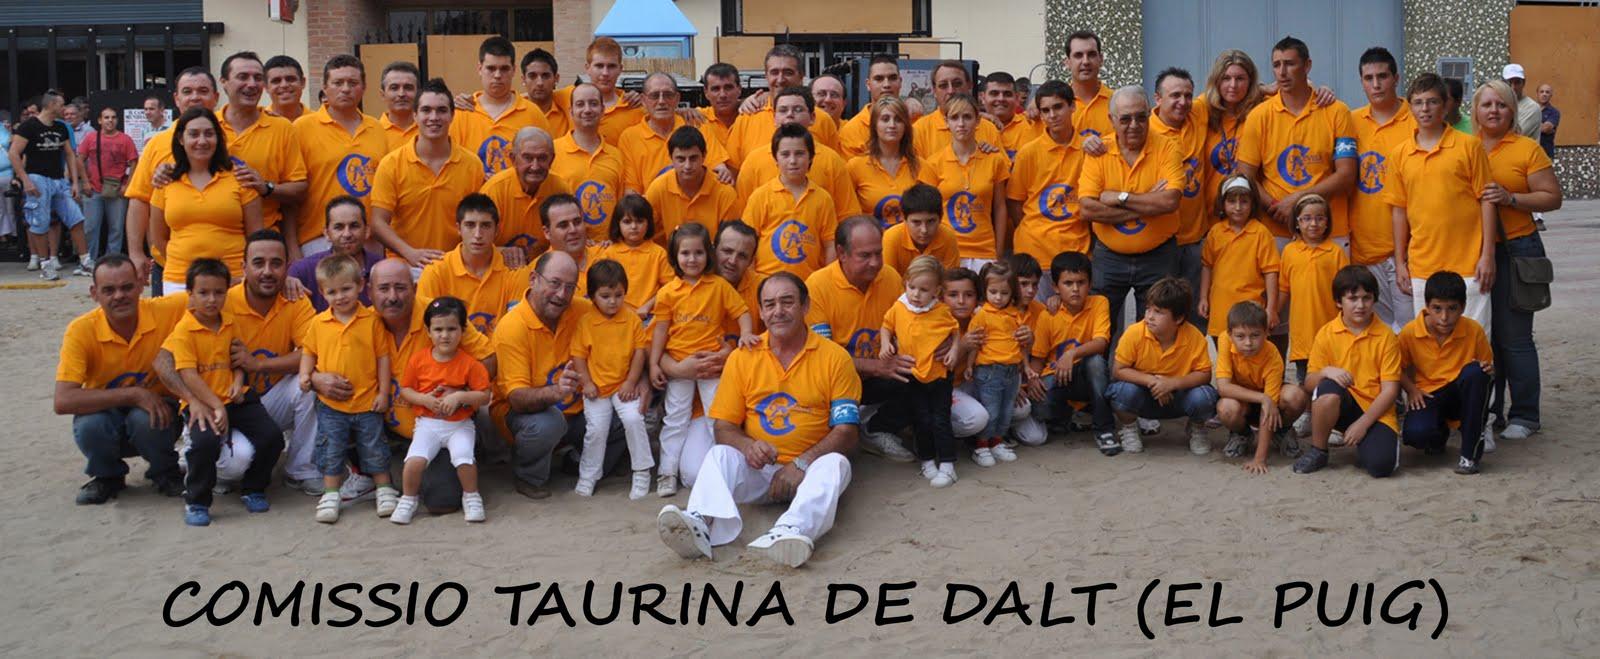 Comissió Taurina de Dalt